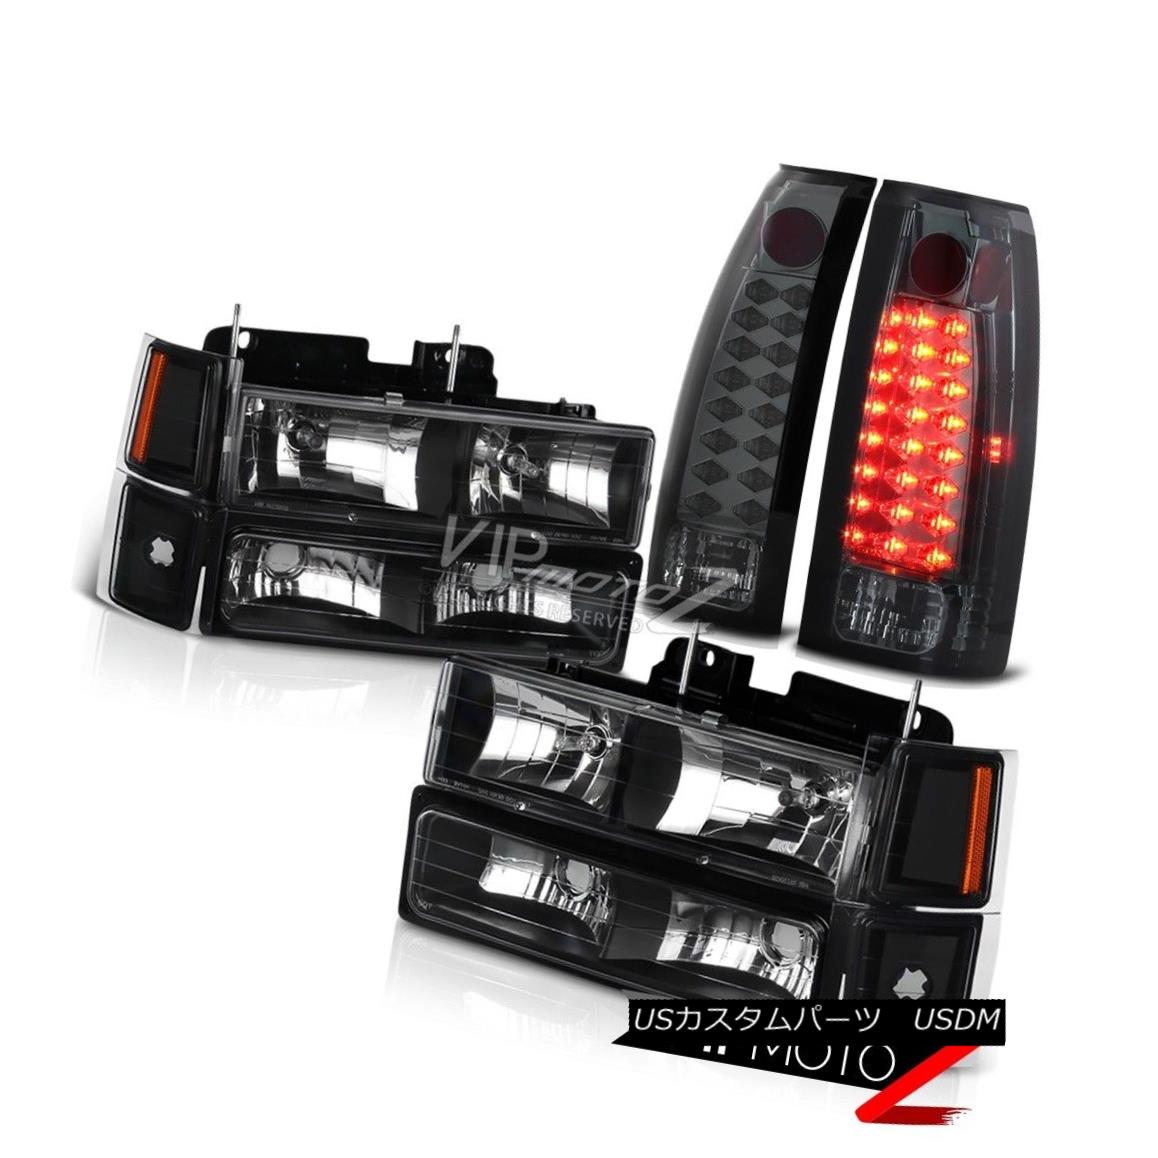 ヘッドライト Smoke Tail Light w LED Headlamps 94-98 Chevy C10 C/K Suburban 1500 2500 Parking スモークテールライトw LEDヘッドランプ94-98シボレーC10 C / K郊外1500 2500駐車場